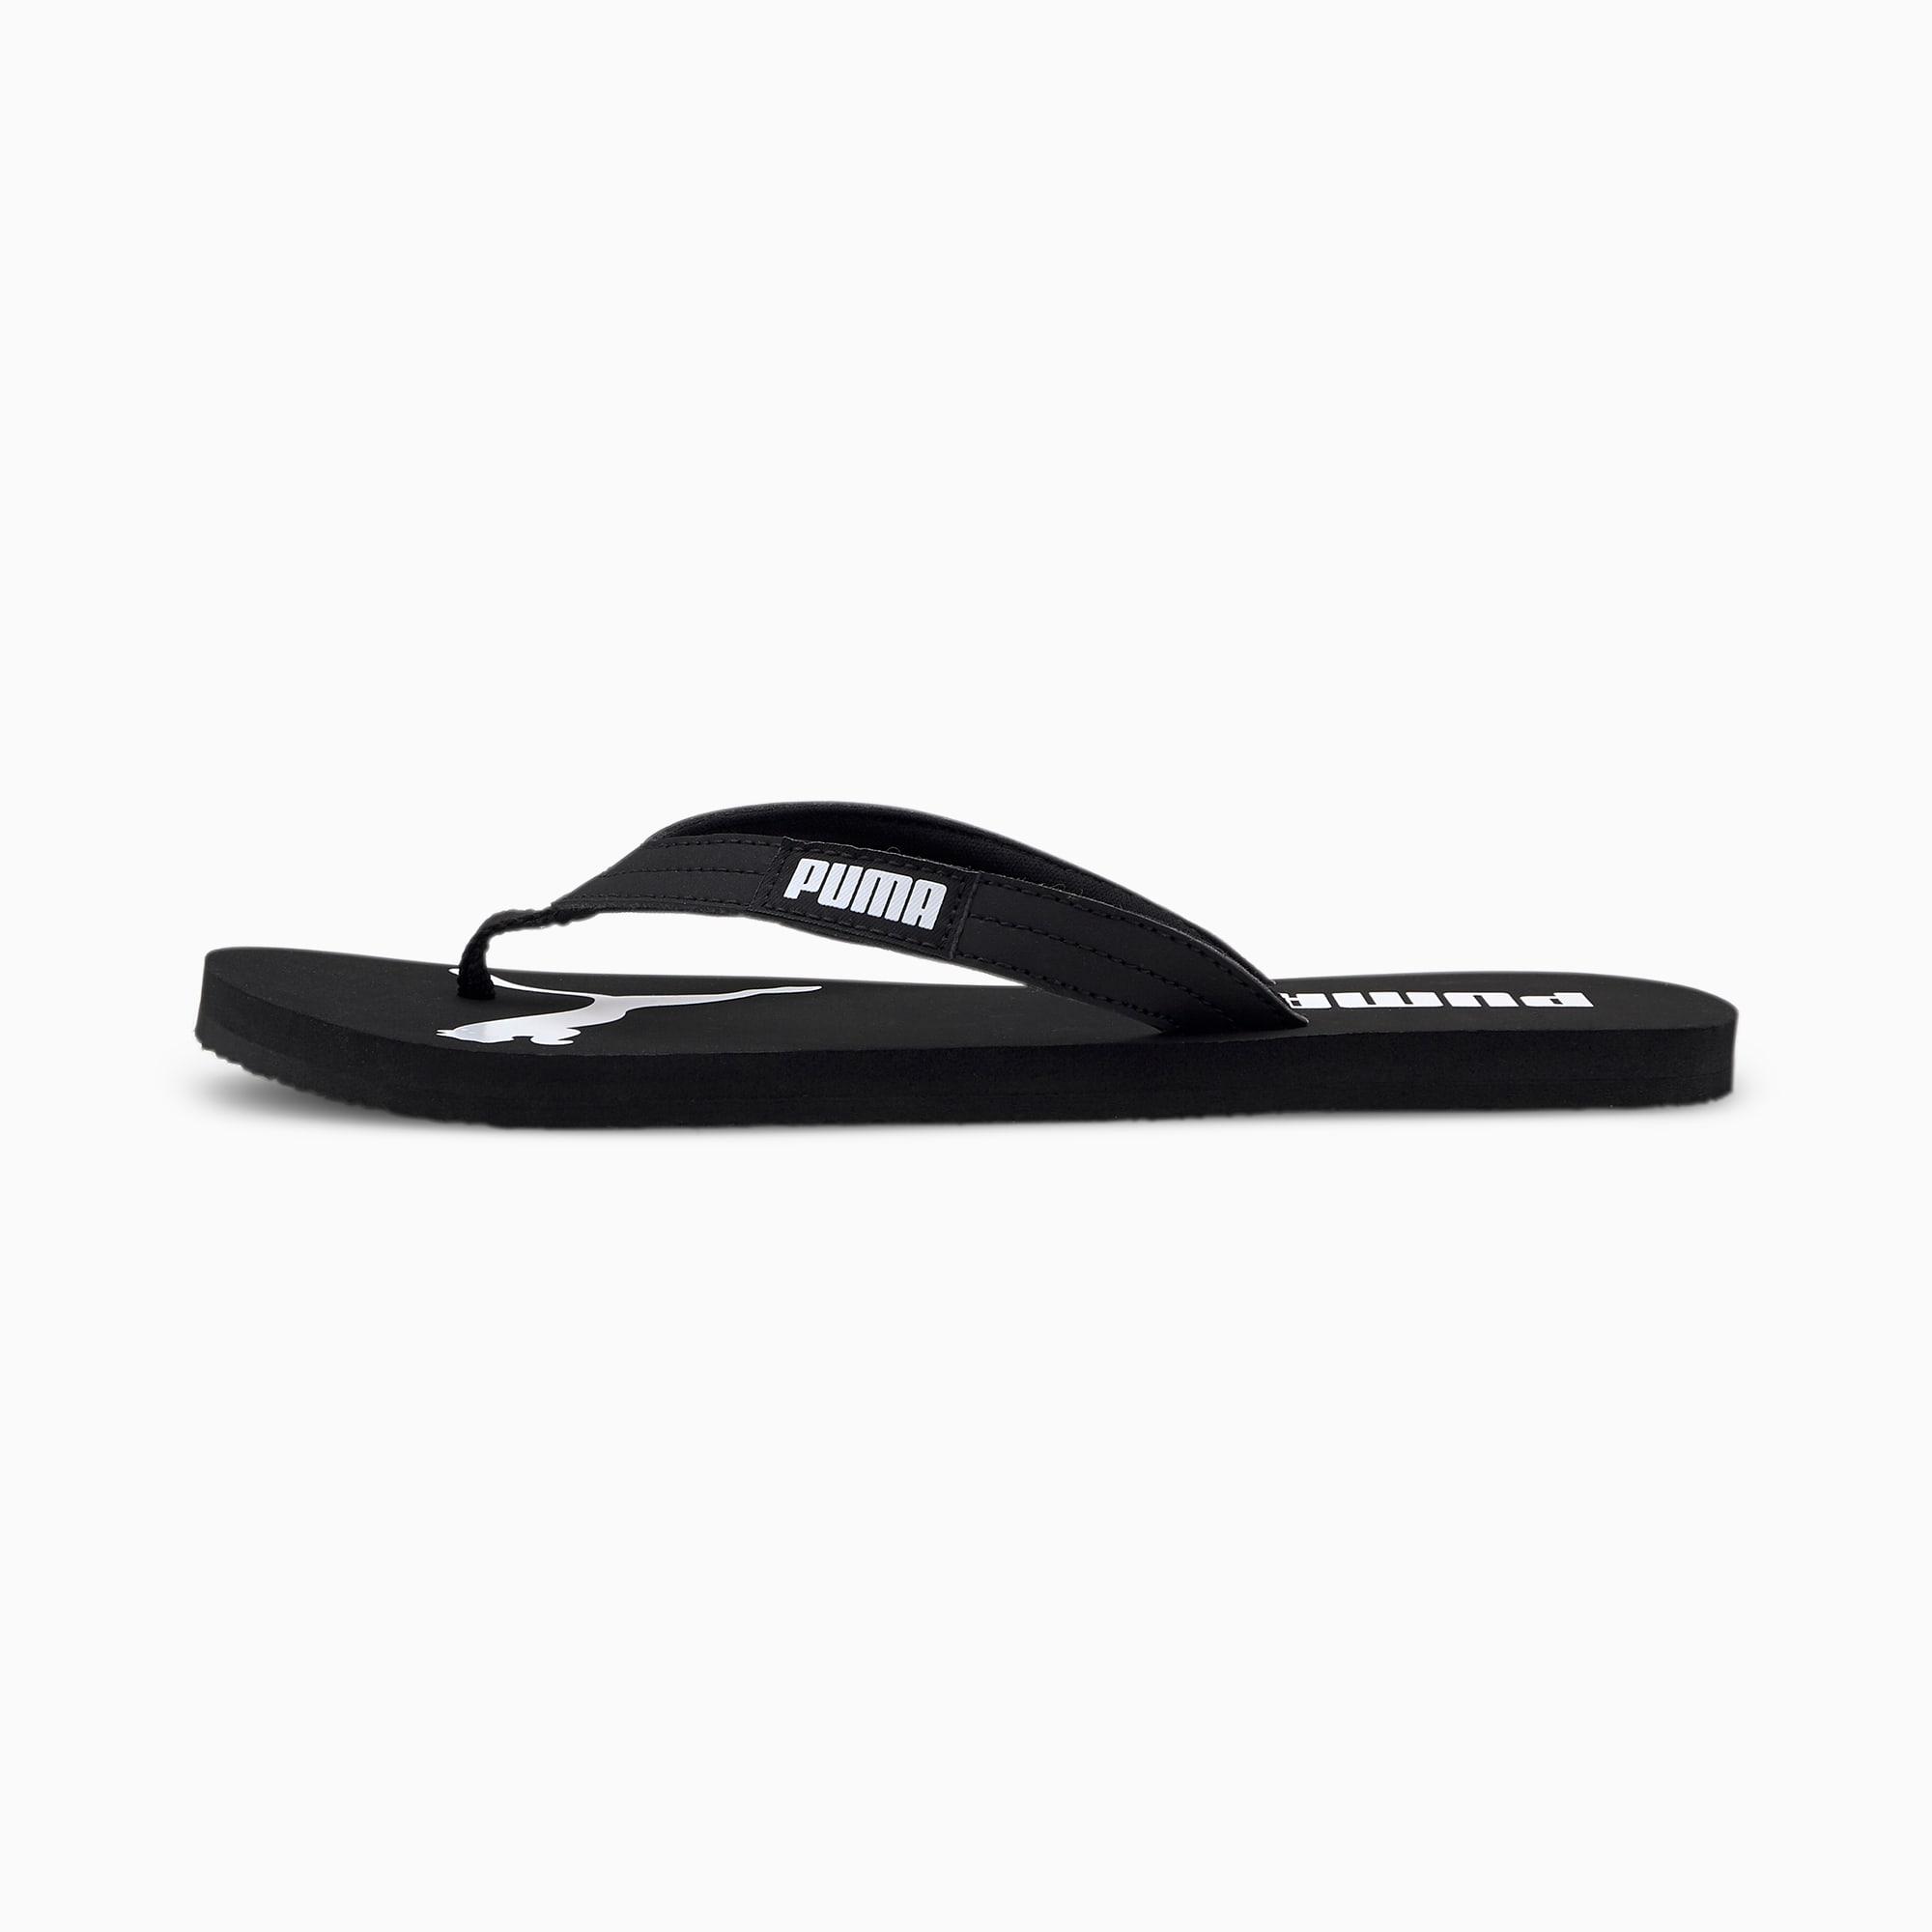 puma -  Cosy Flip Sandalen   Mit Aucun   Schwarz/Weiß   Größe: 35.5